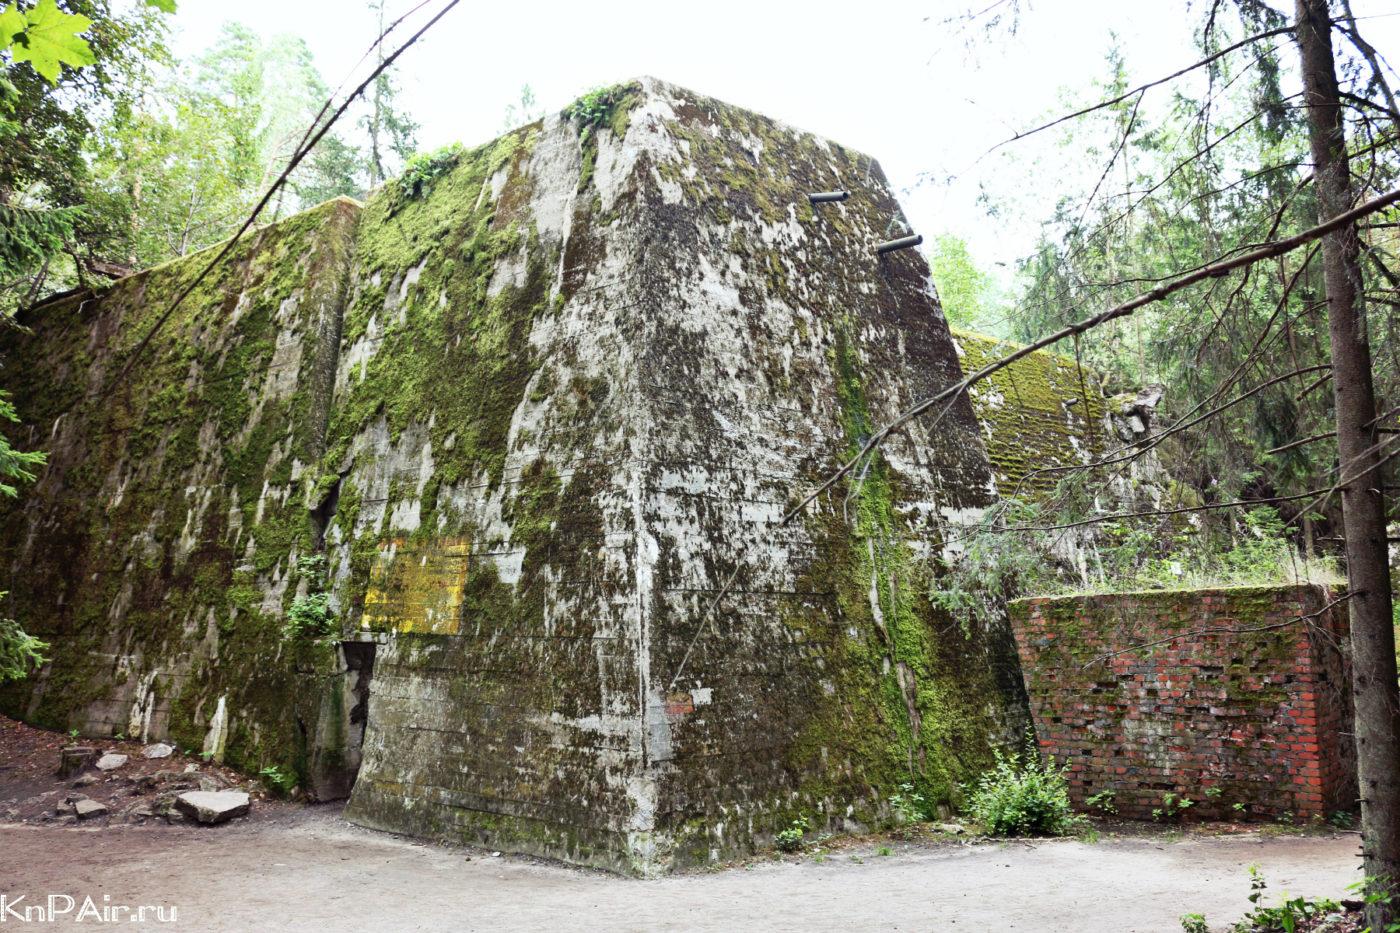 volche-logovo-stavka-hitlera-bunker